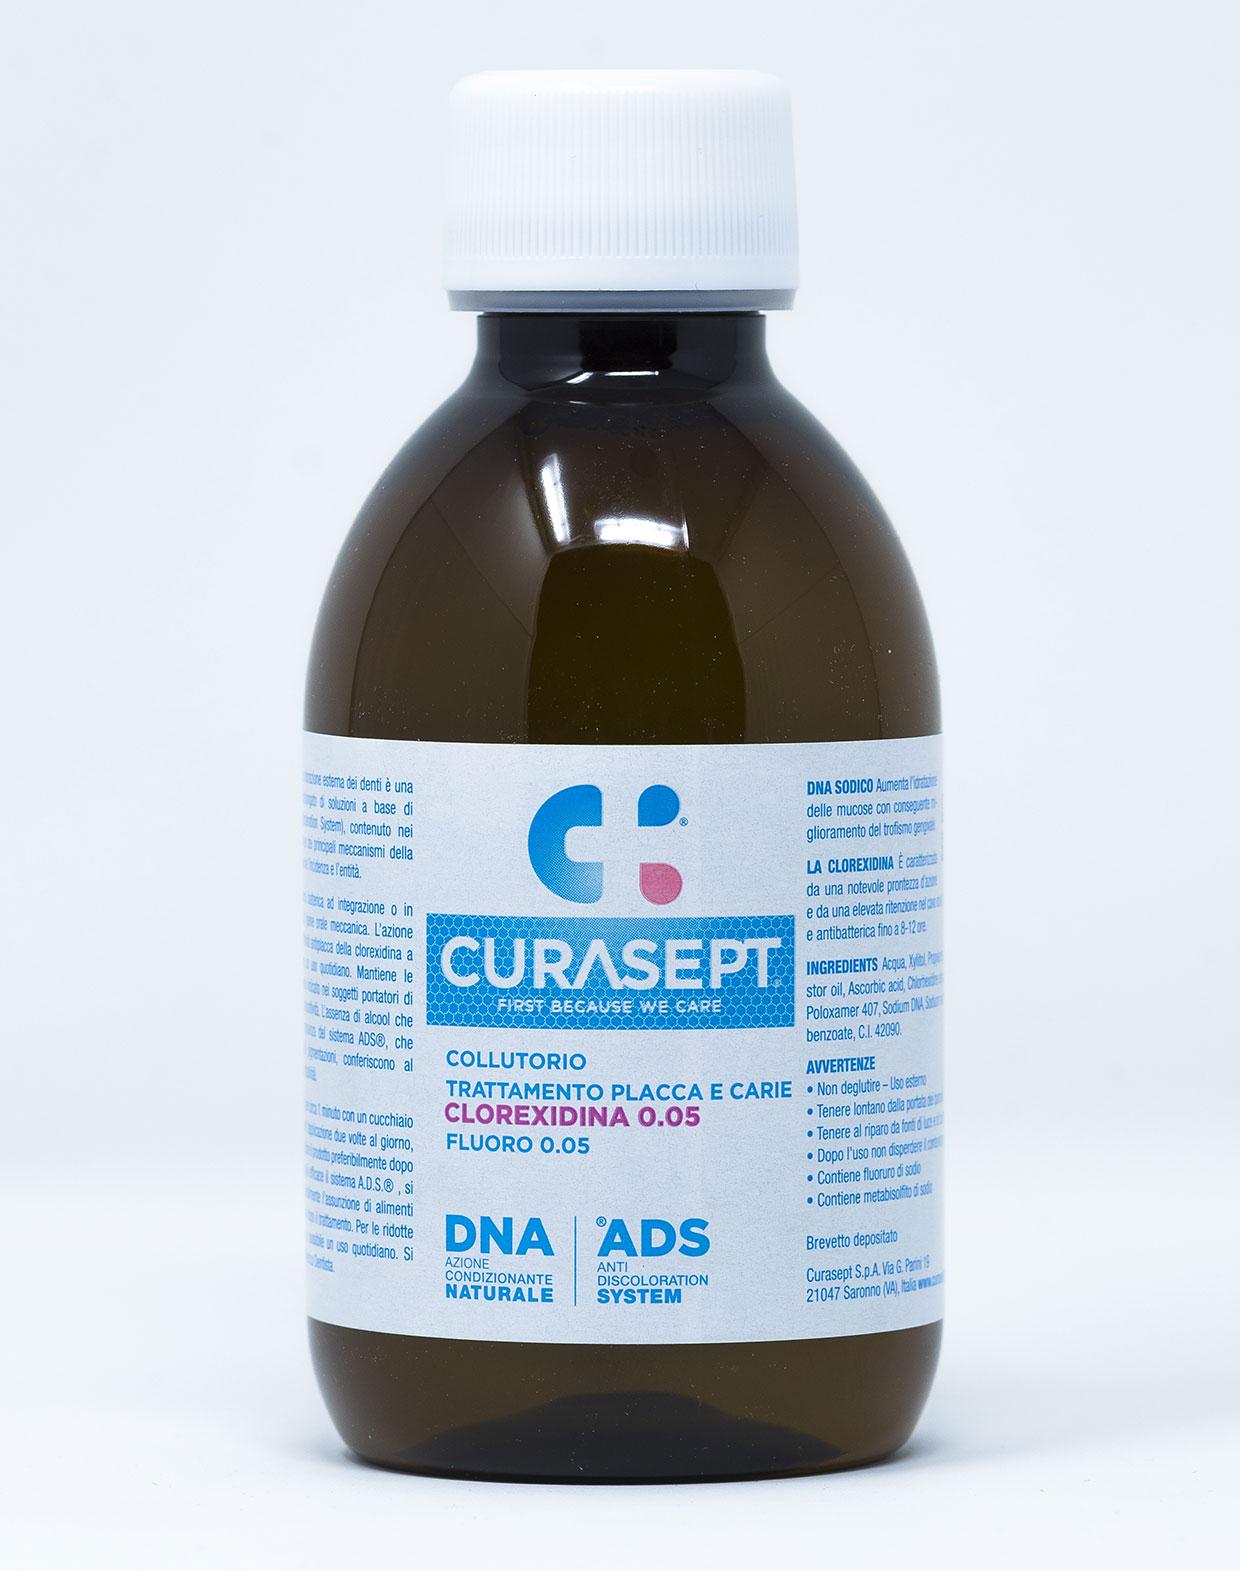 Curasept Collutorio Trattamento Placca e Carie CHX 0,05% + Fluoro 0,05% – 200 ml